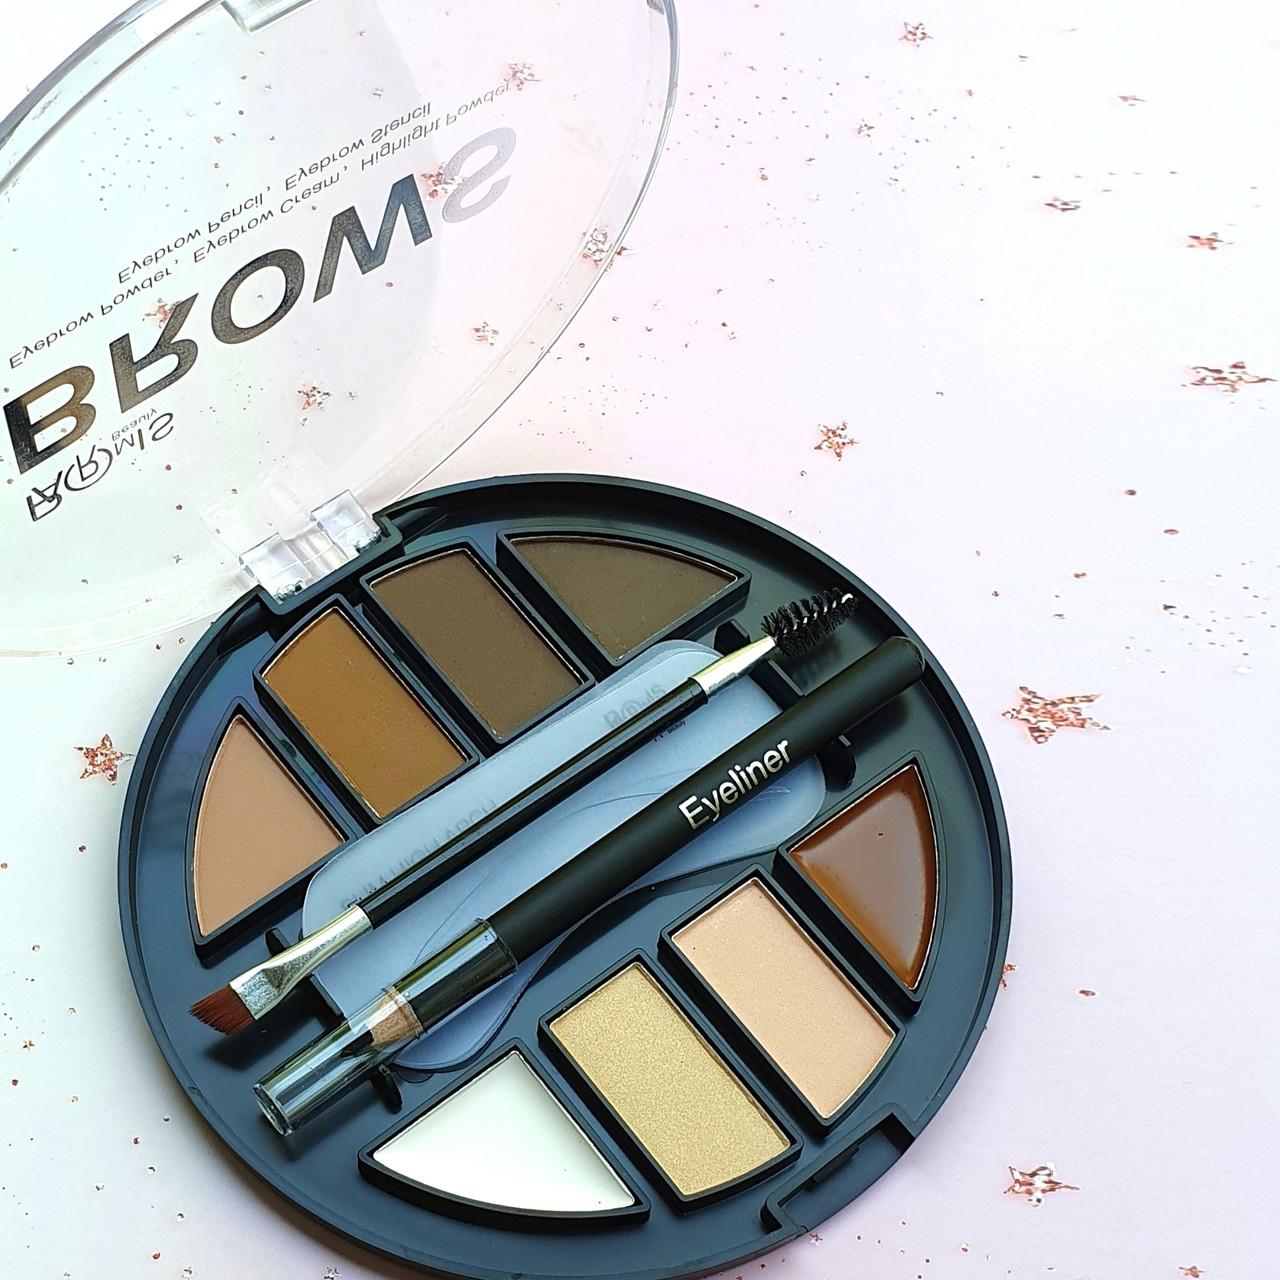 Палетка для макияжа бровей Brows Parmis 8 цветов (2 палитры оттенков)